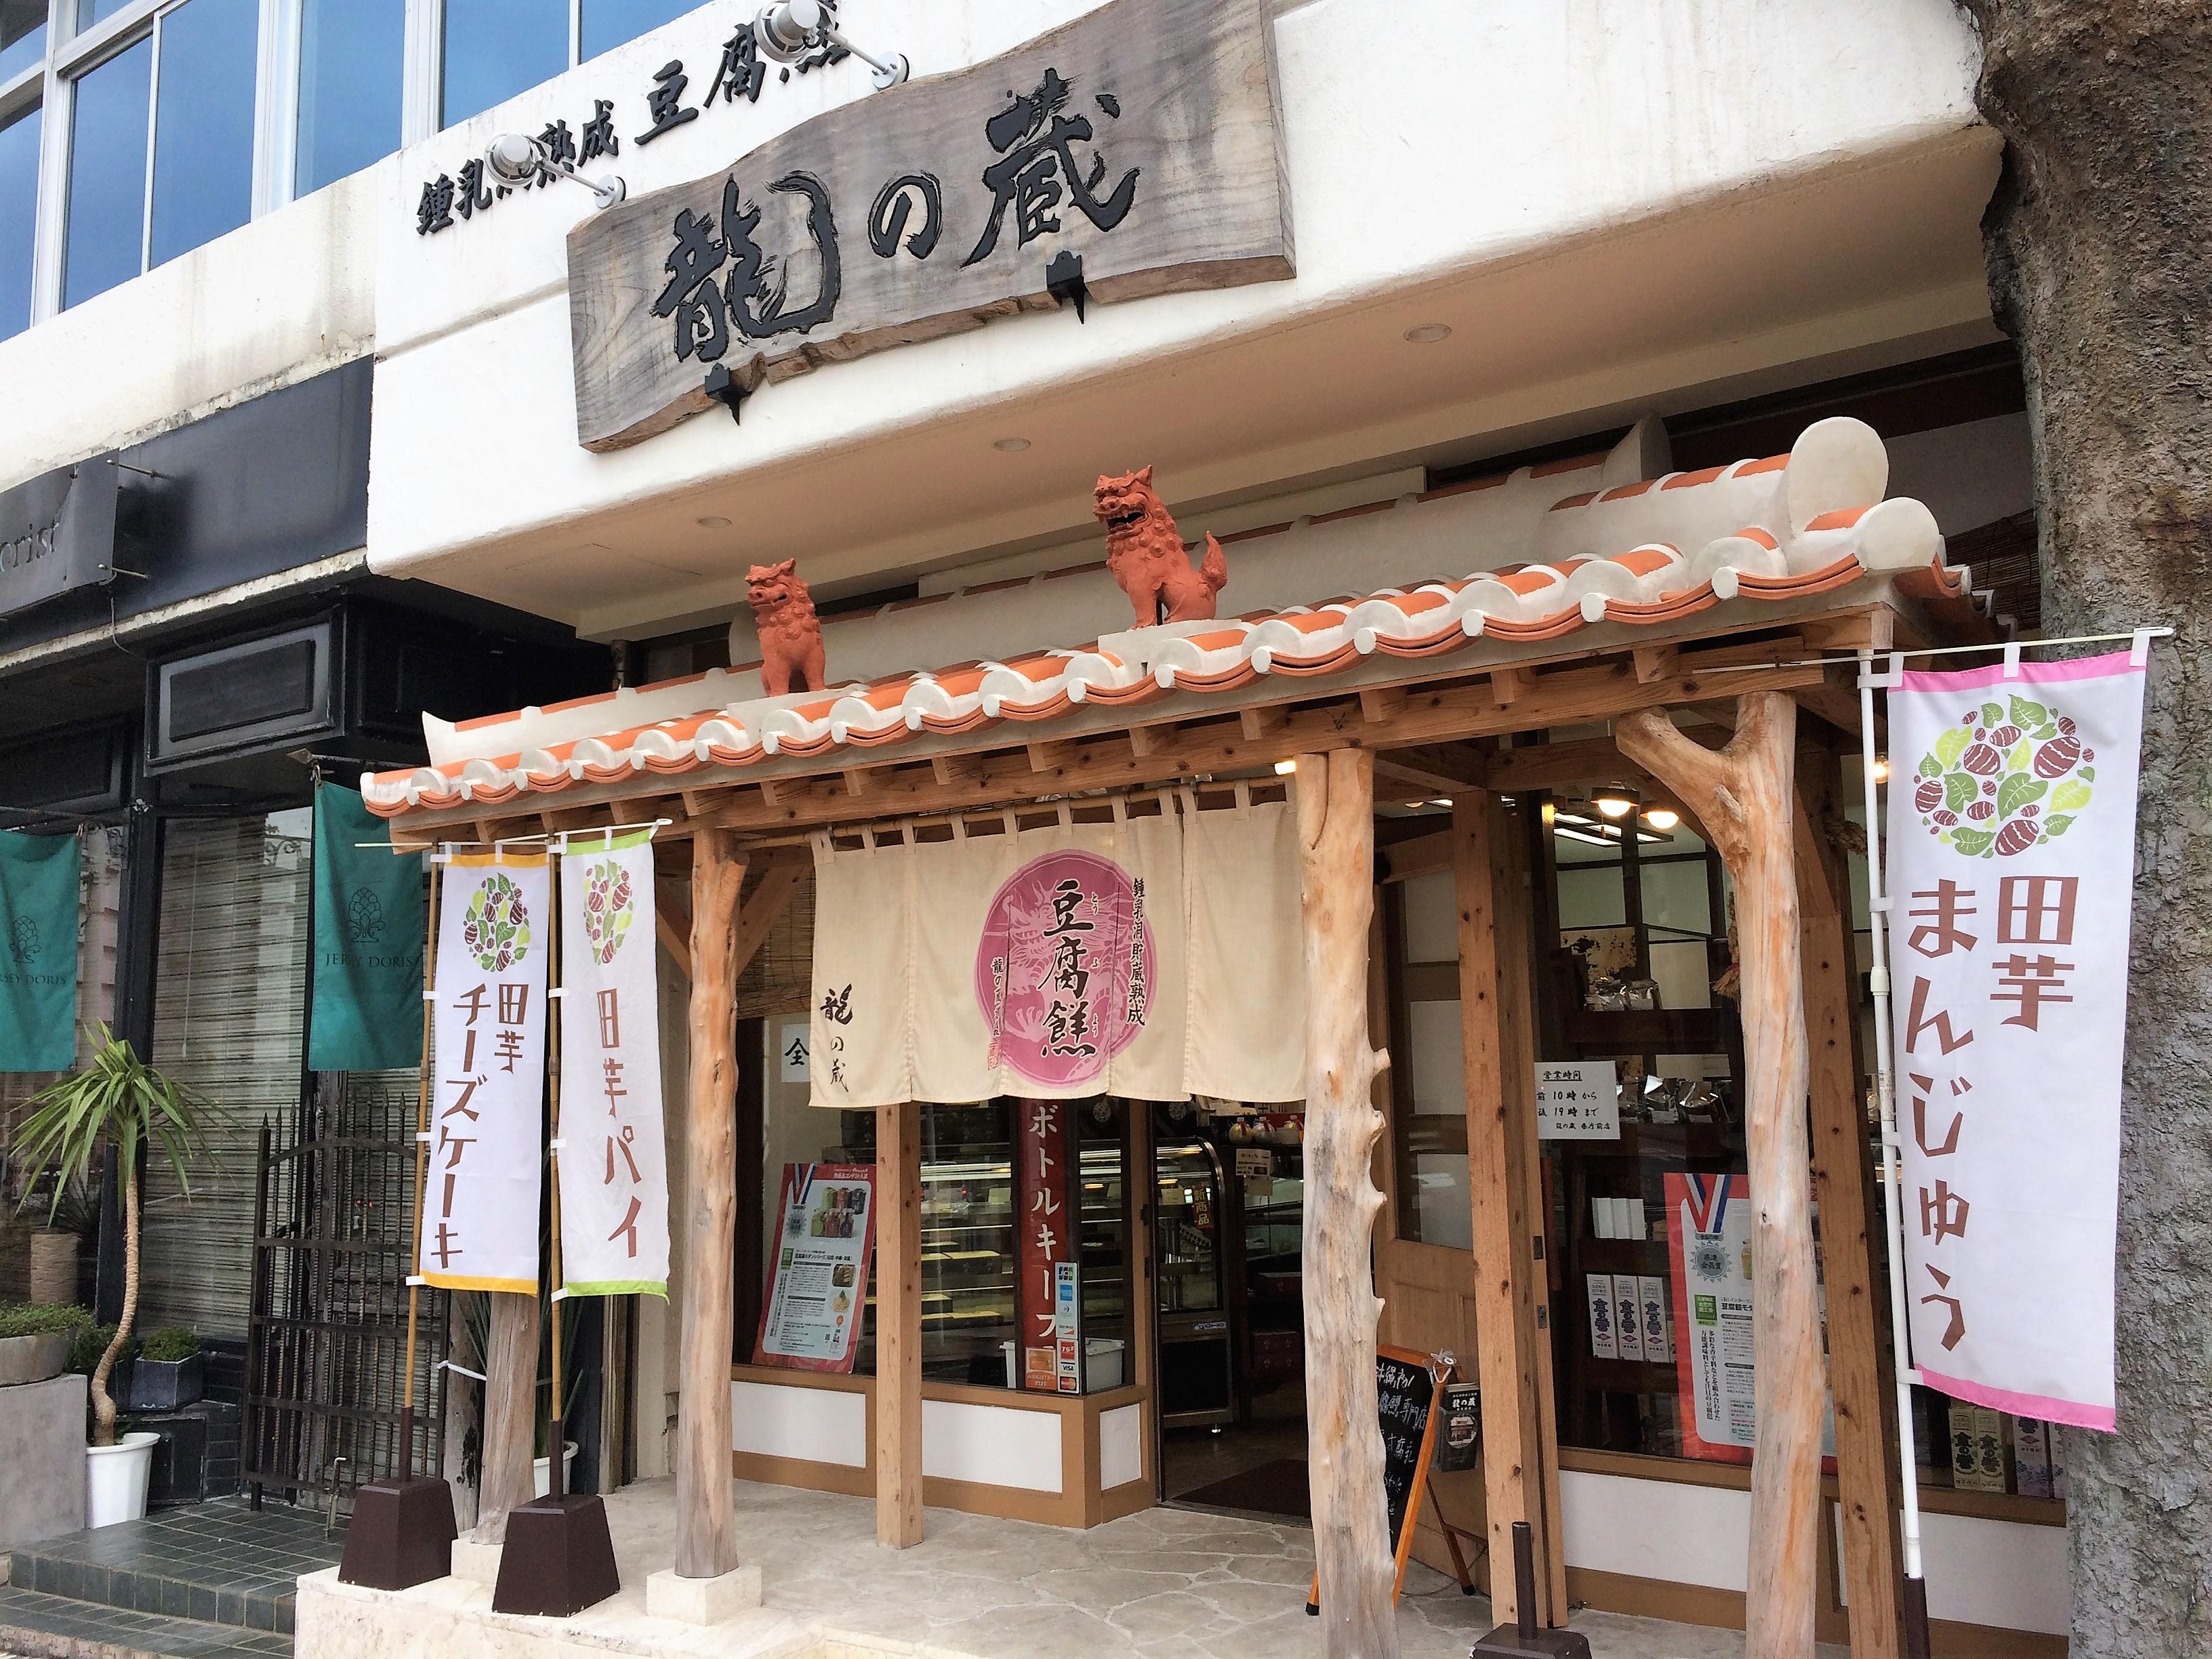 鍾乳洞で長期熟成した「豆腐よう」沖縄県庁前に専門店